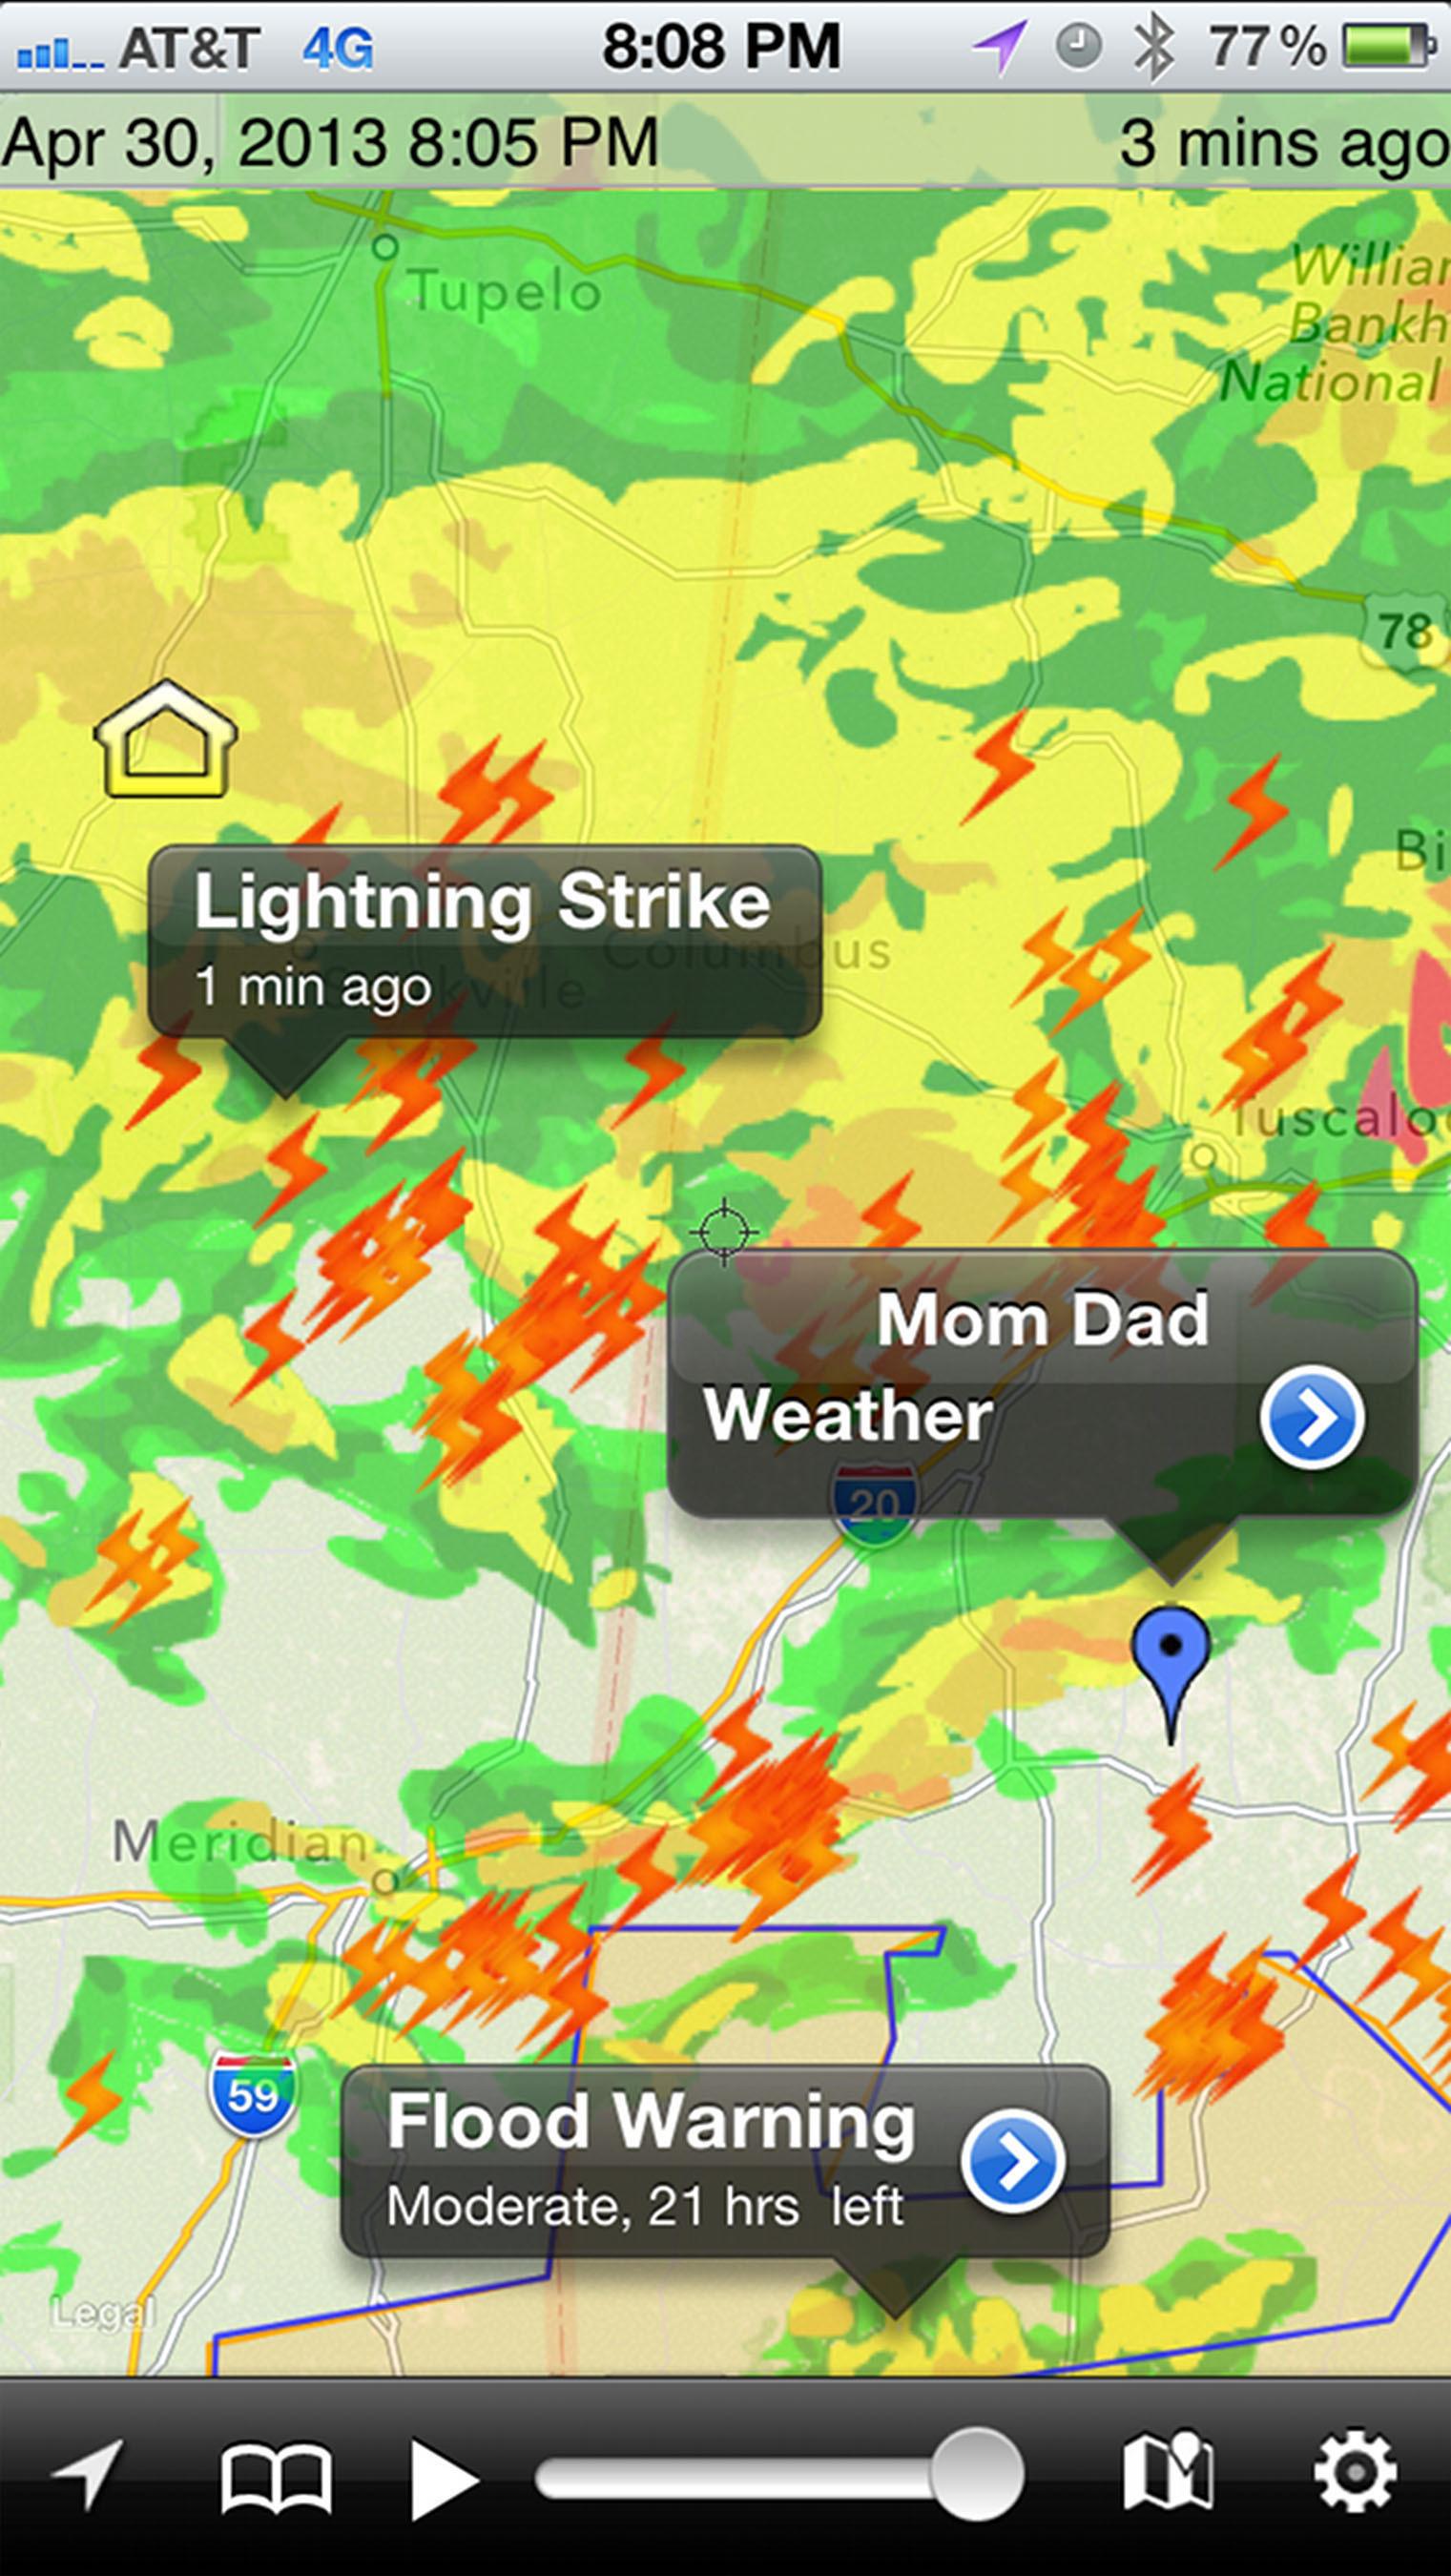 WeatherSphere Adds Lightning Strikes To Its Best Selling NOAA Hi-Def Radar App. (PRNewsFoto/WeatherSphere) (PRNewsFoto/WEATHERSPHERE)